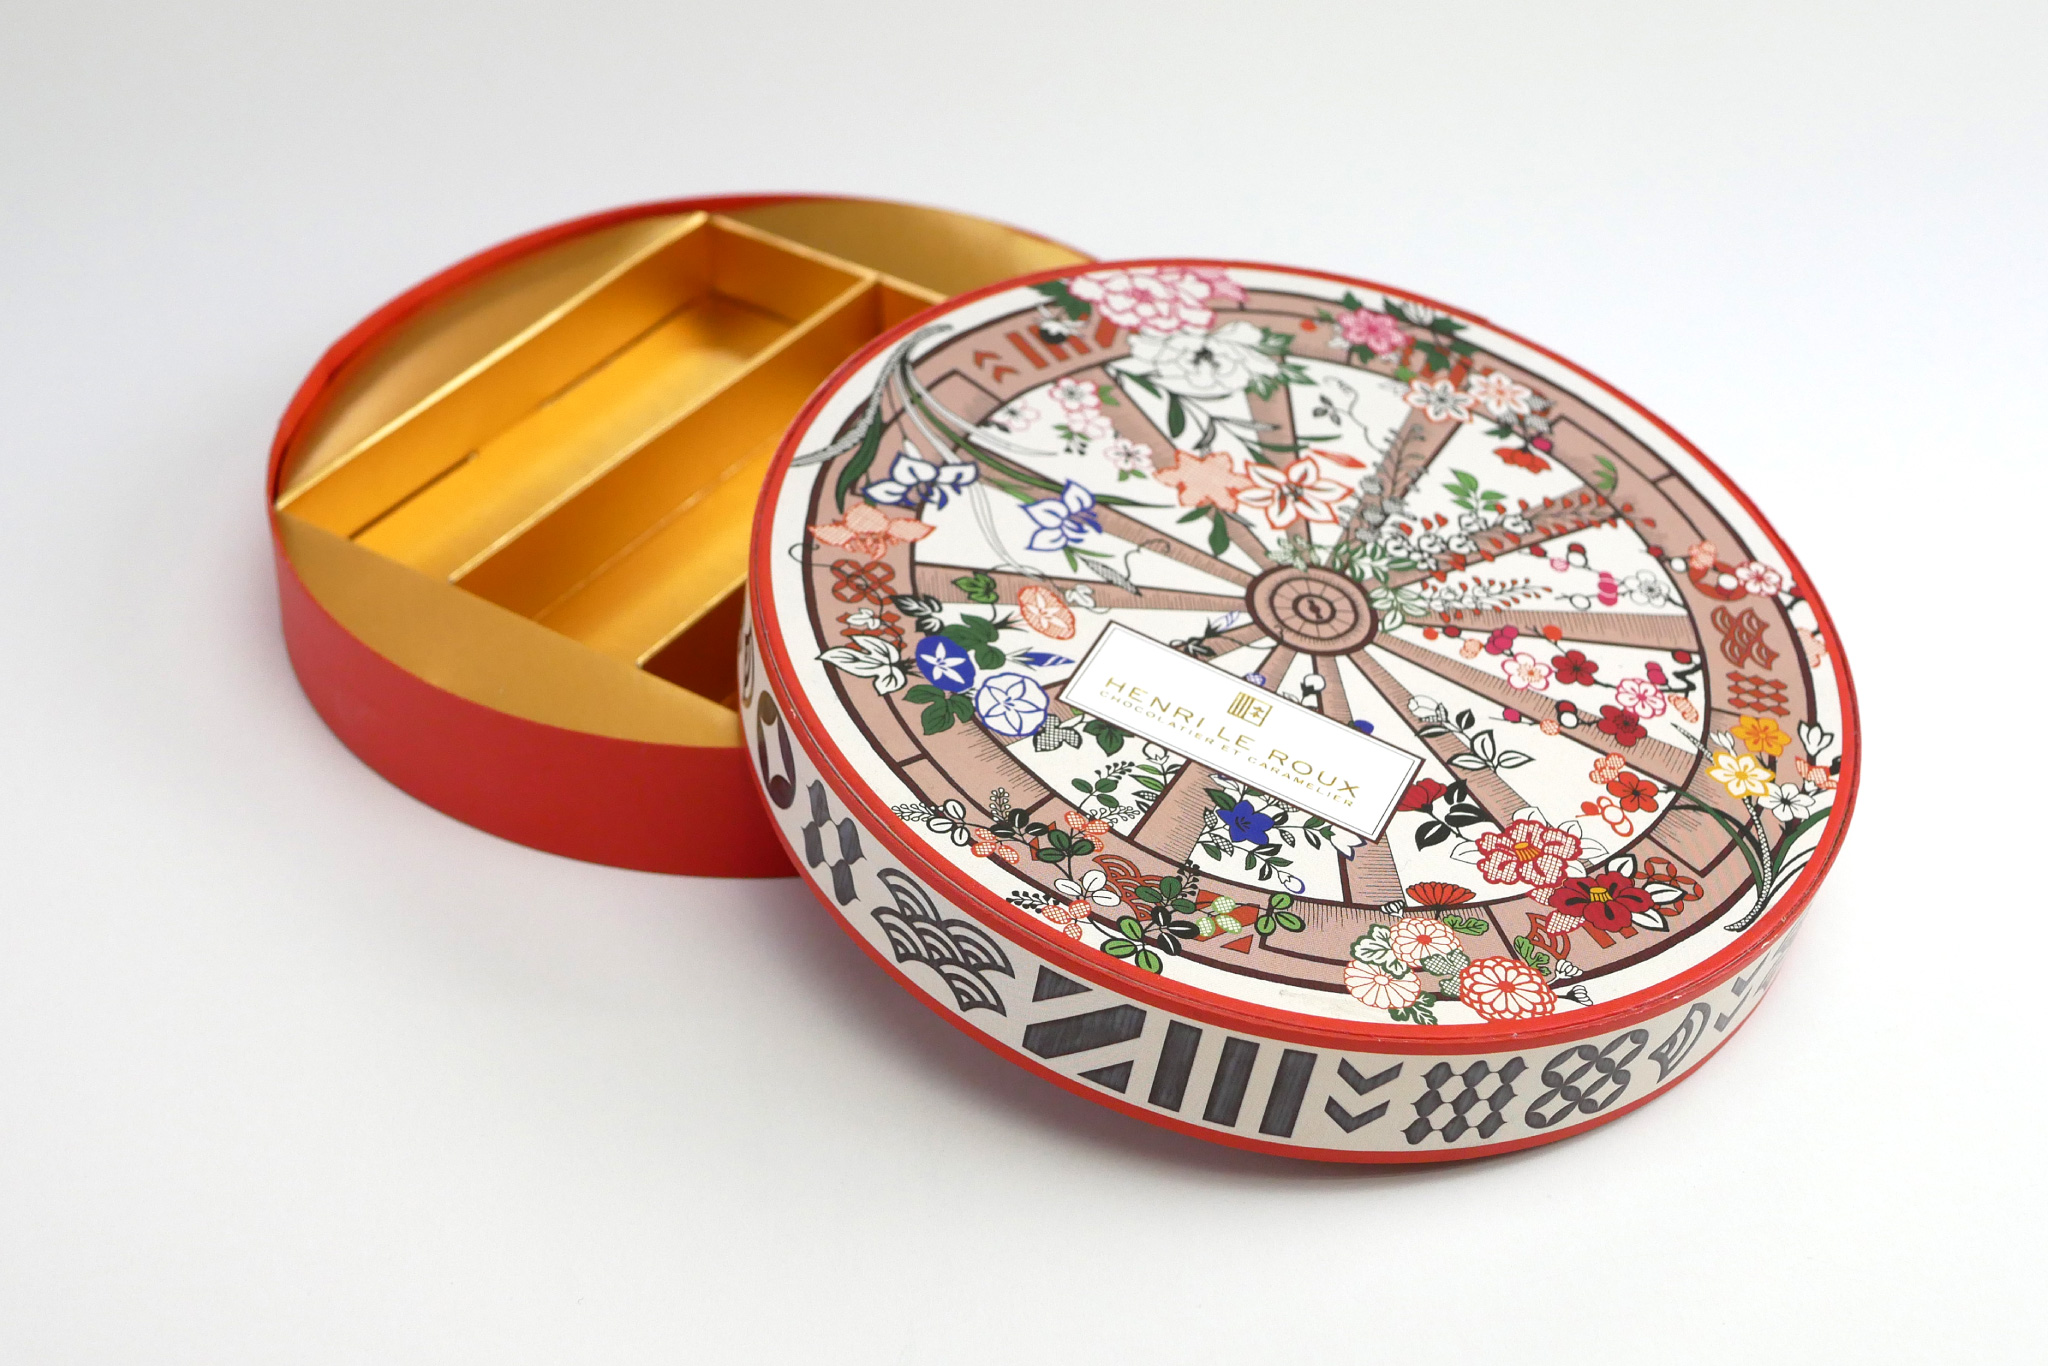 アンリルルー×千總のコラボレーション製品のパッケージ写真